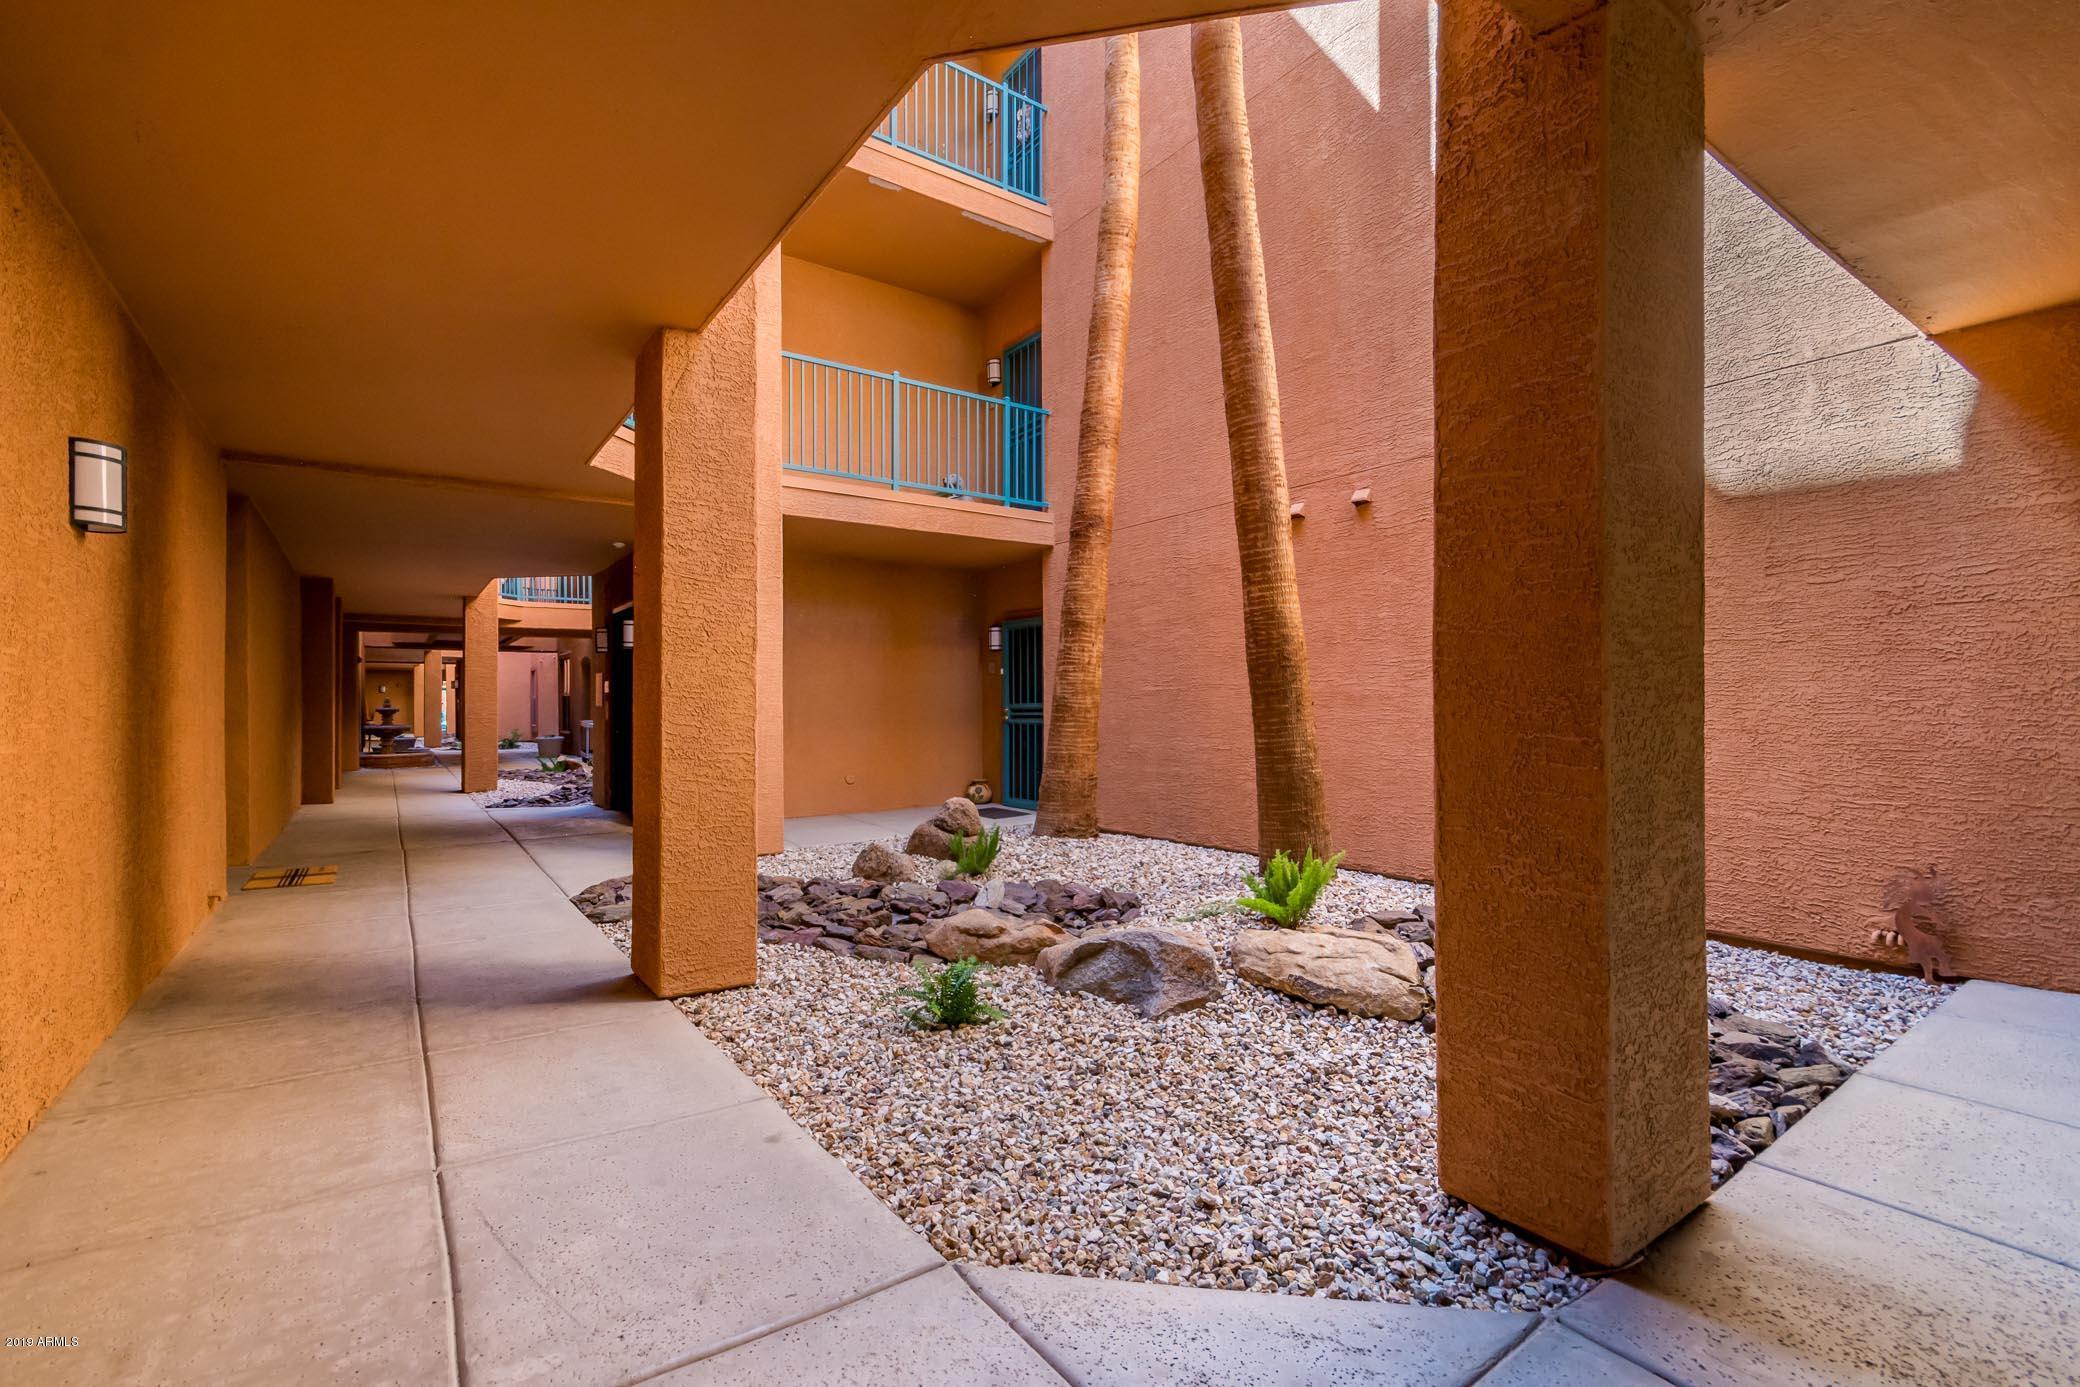 MLS 5897692 14950 W MOUNTAIN VIEW Boulevard Unit 5112 Building, Surprise, AZ 85374 Surprise AZ Condo or Townhome